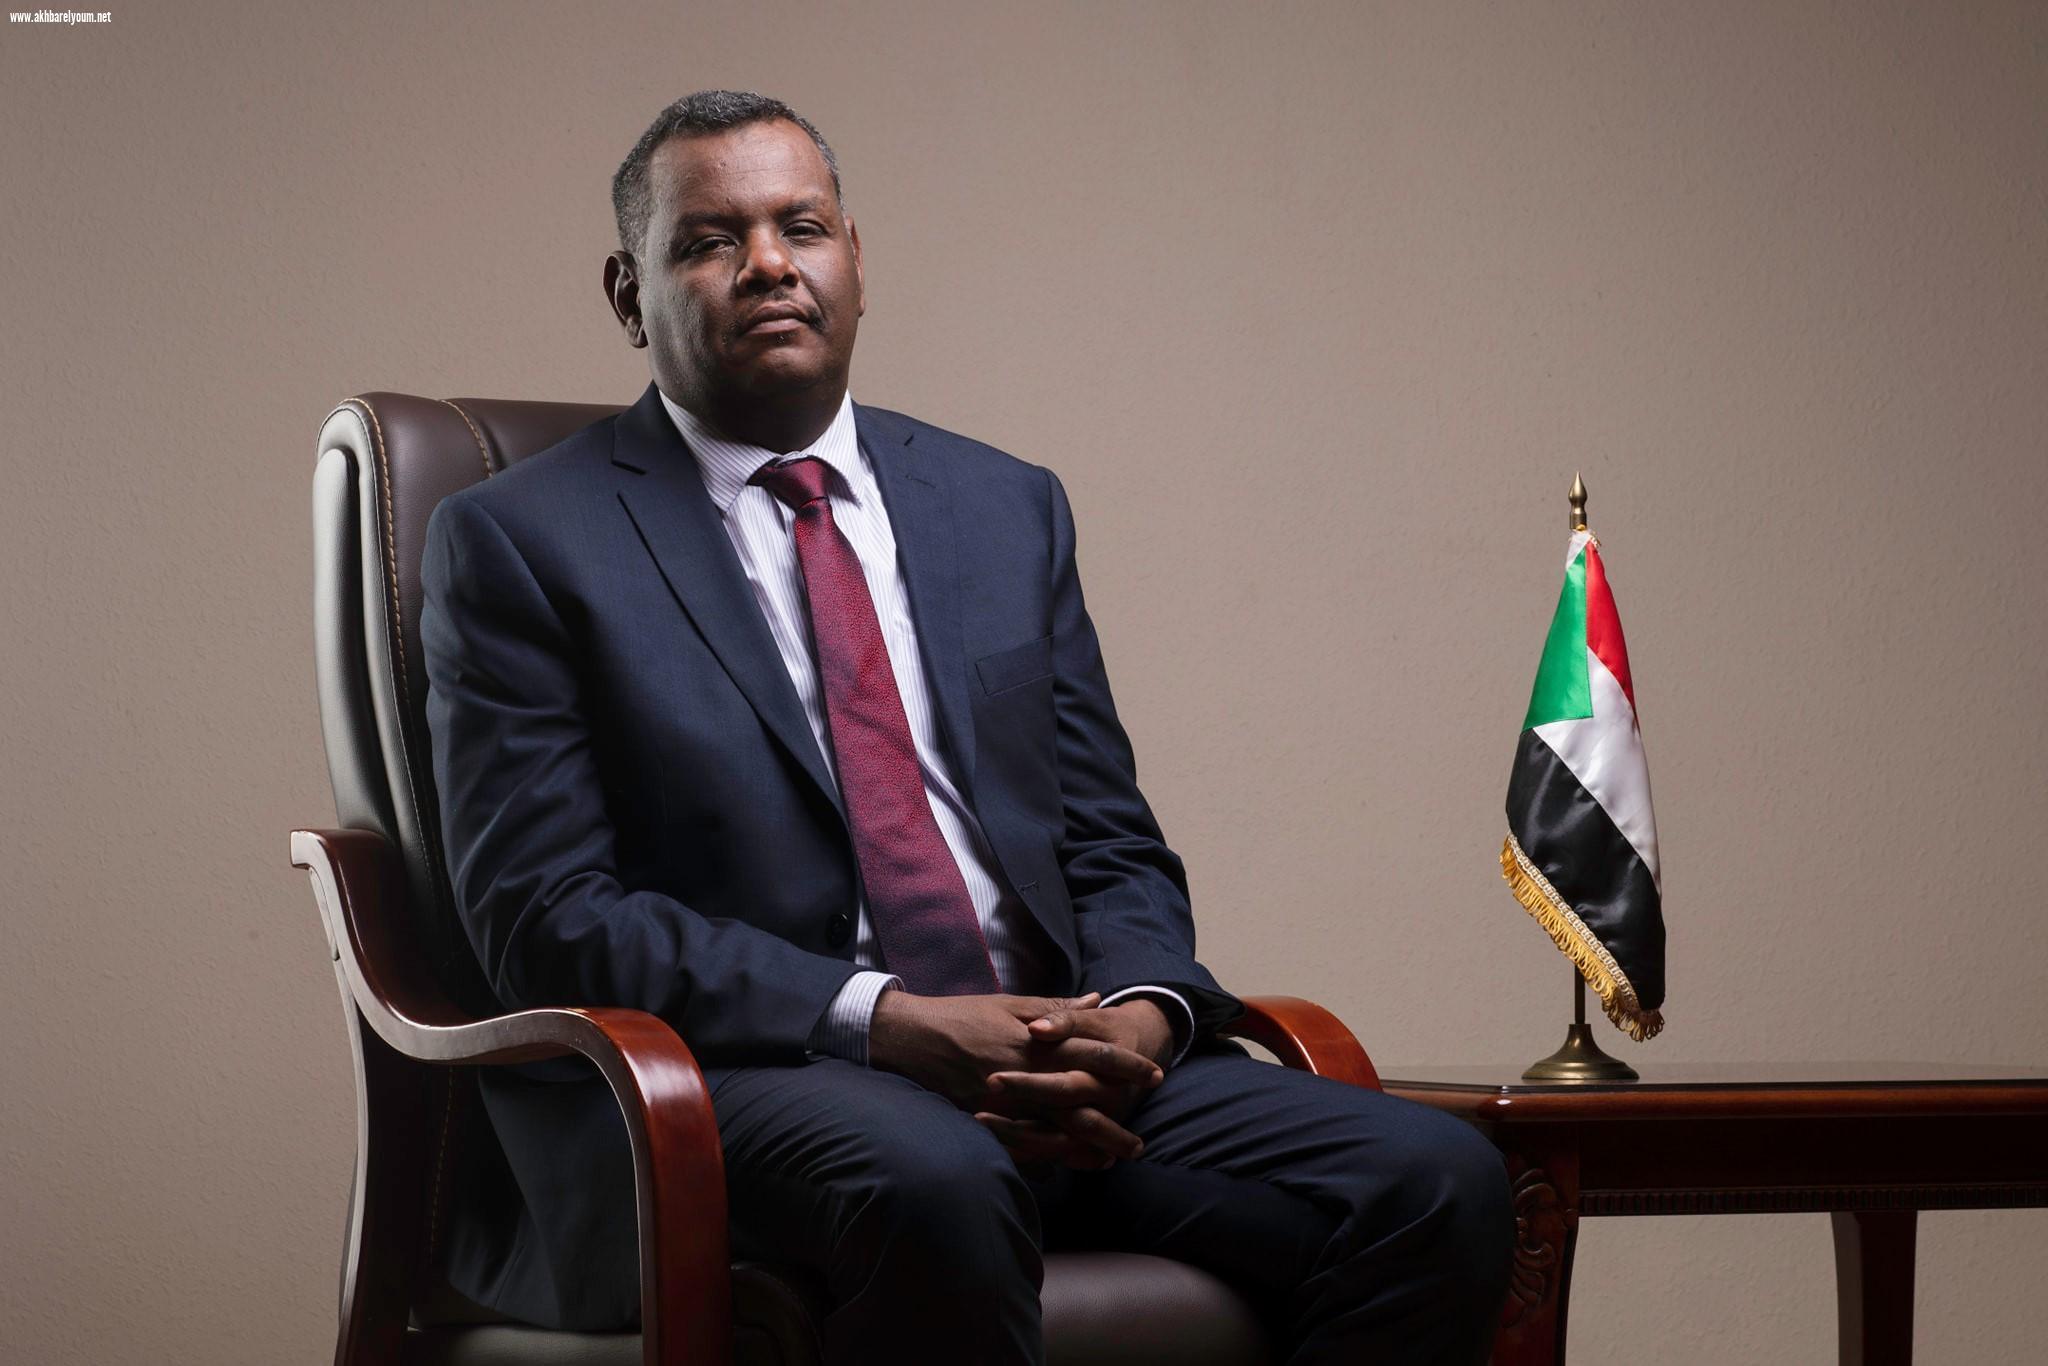 وزير التجارة السودانى يؤكد التأثير السلبى للنظام السابق على الاقتصاد